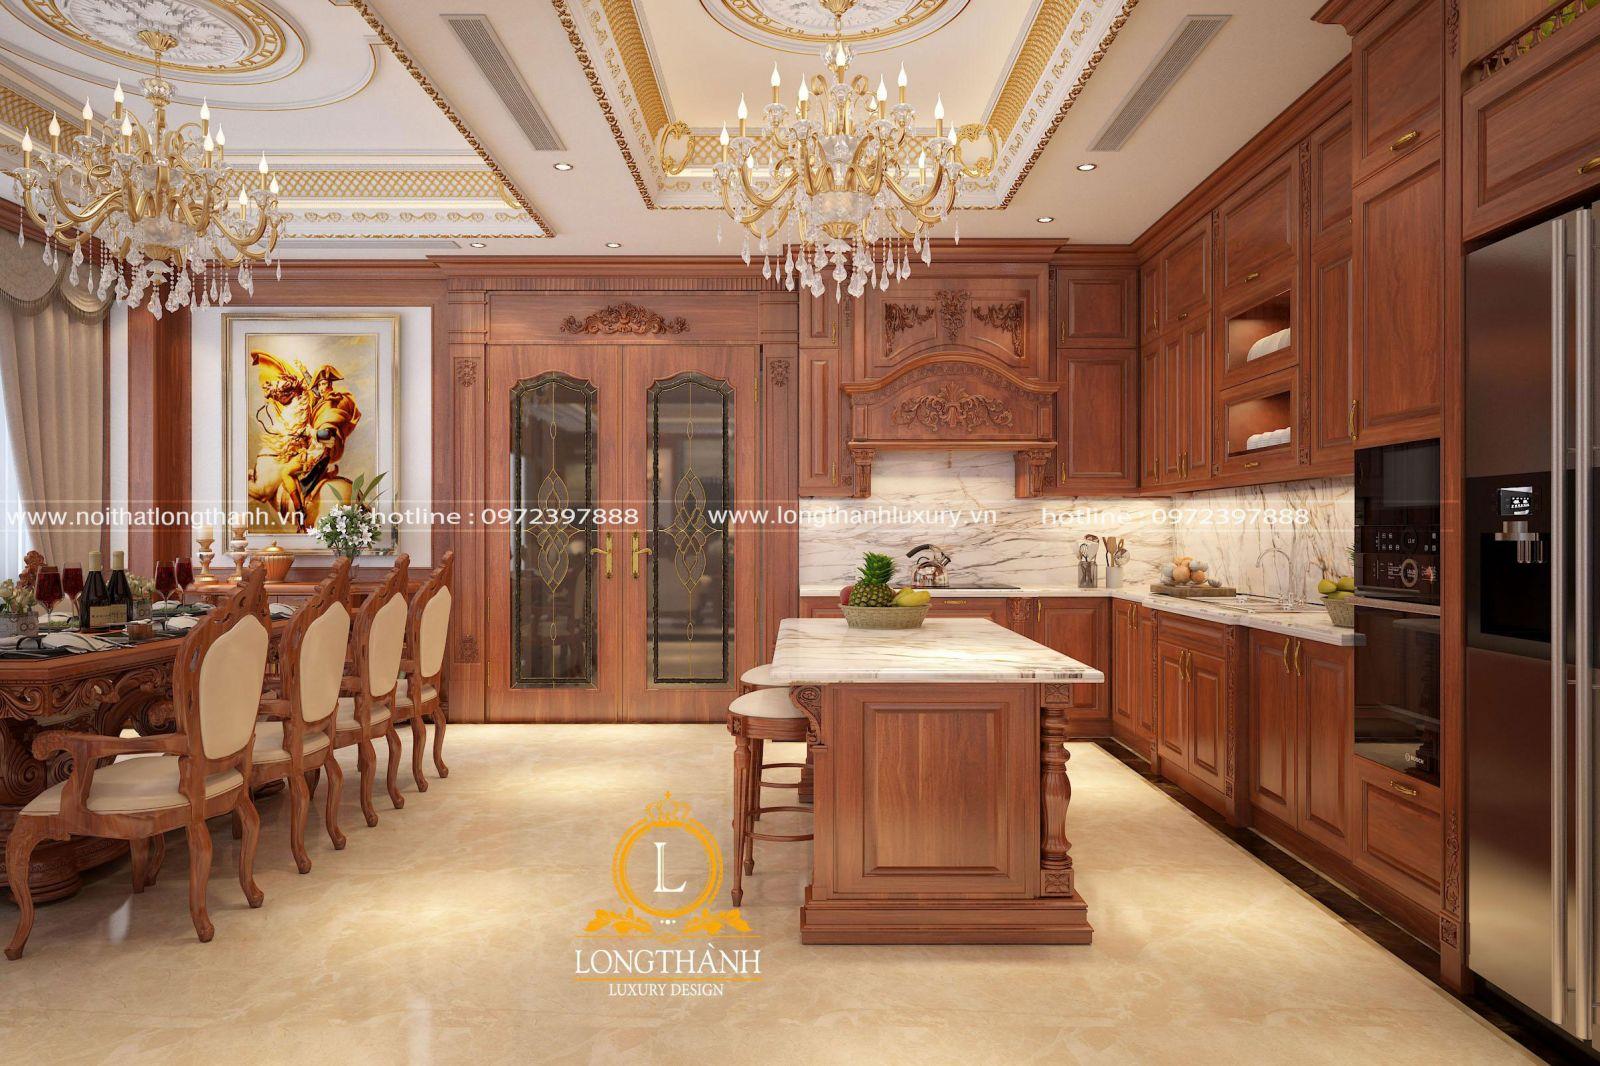 Bàn đảo bếp cũng được thiết kế theo phong cách tân cổ điển nhẹ nhàng hài hòa với nhà bếp